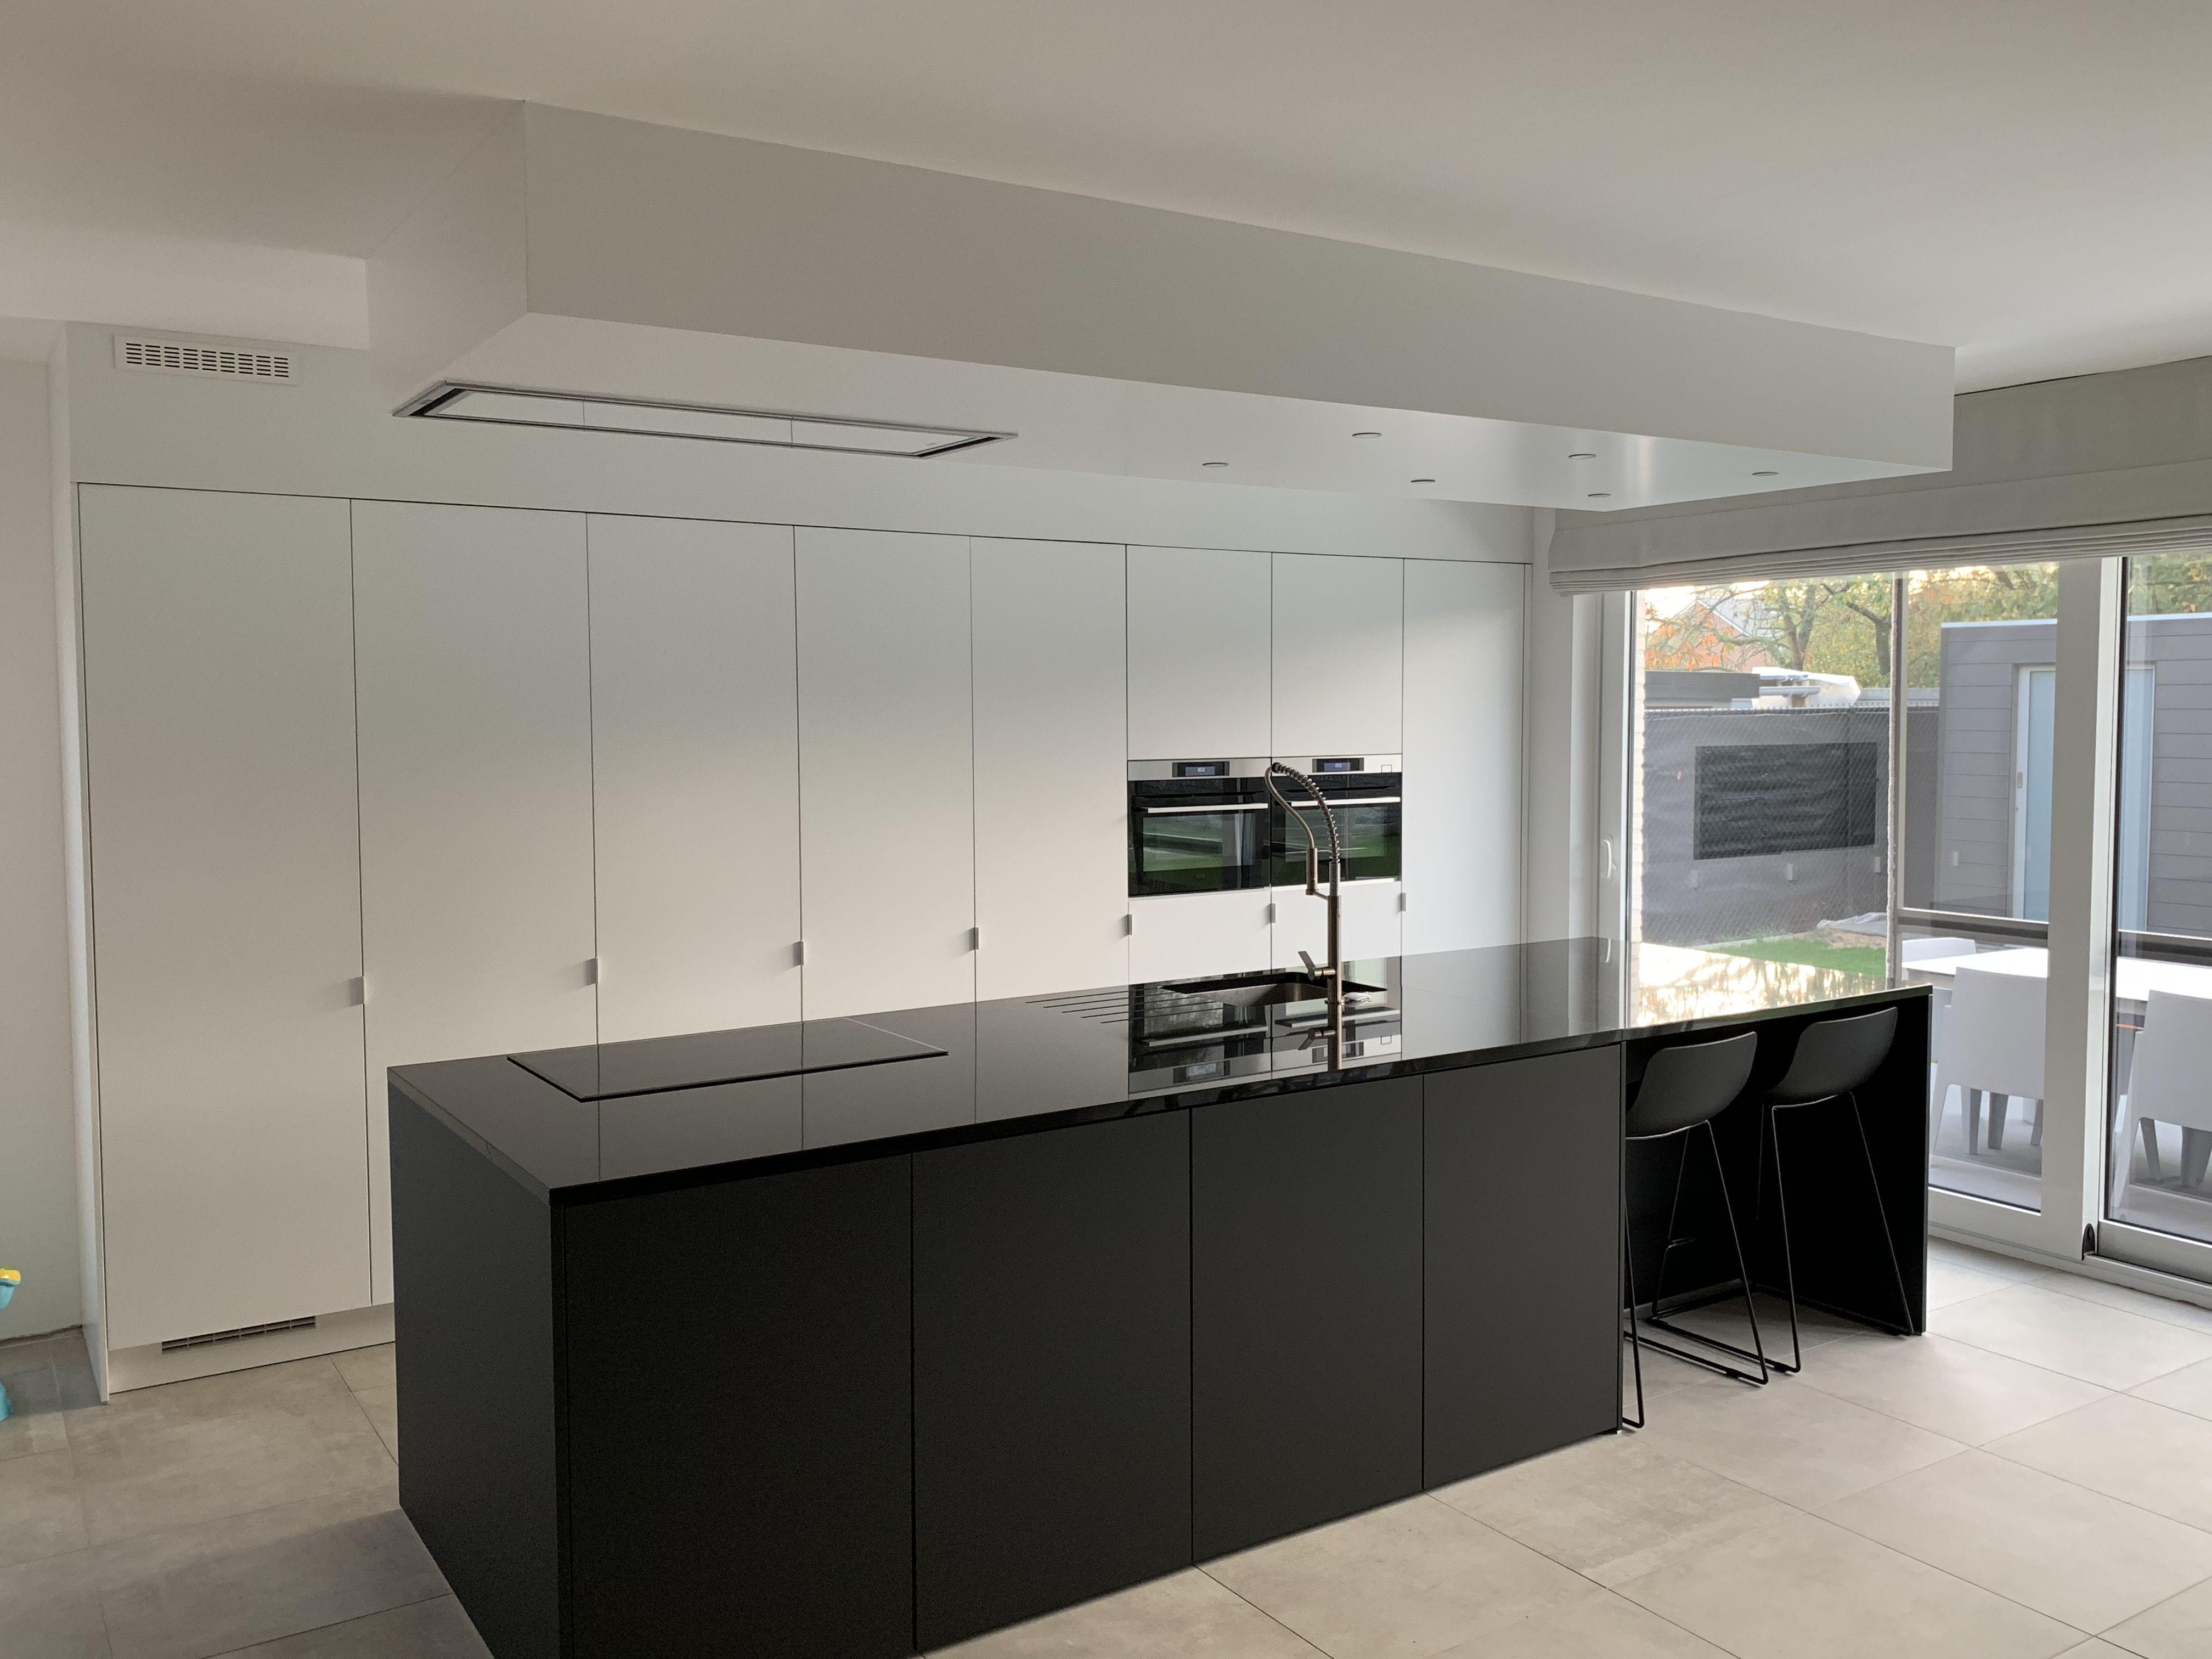 Moderne Wit Zwart Keuken Zwart Eiland Black White Kitchen Keuken Keuken Ontwerpen Witte Keuken Moderne Keukens